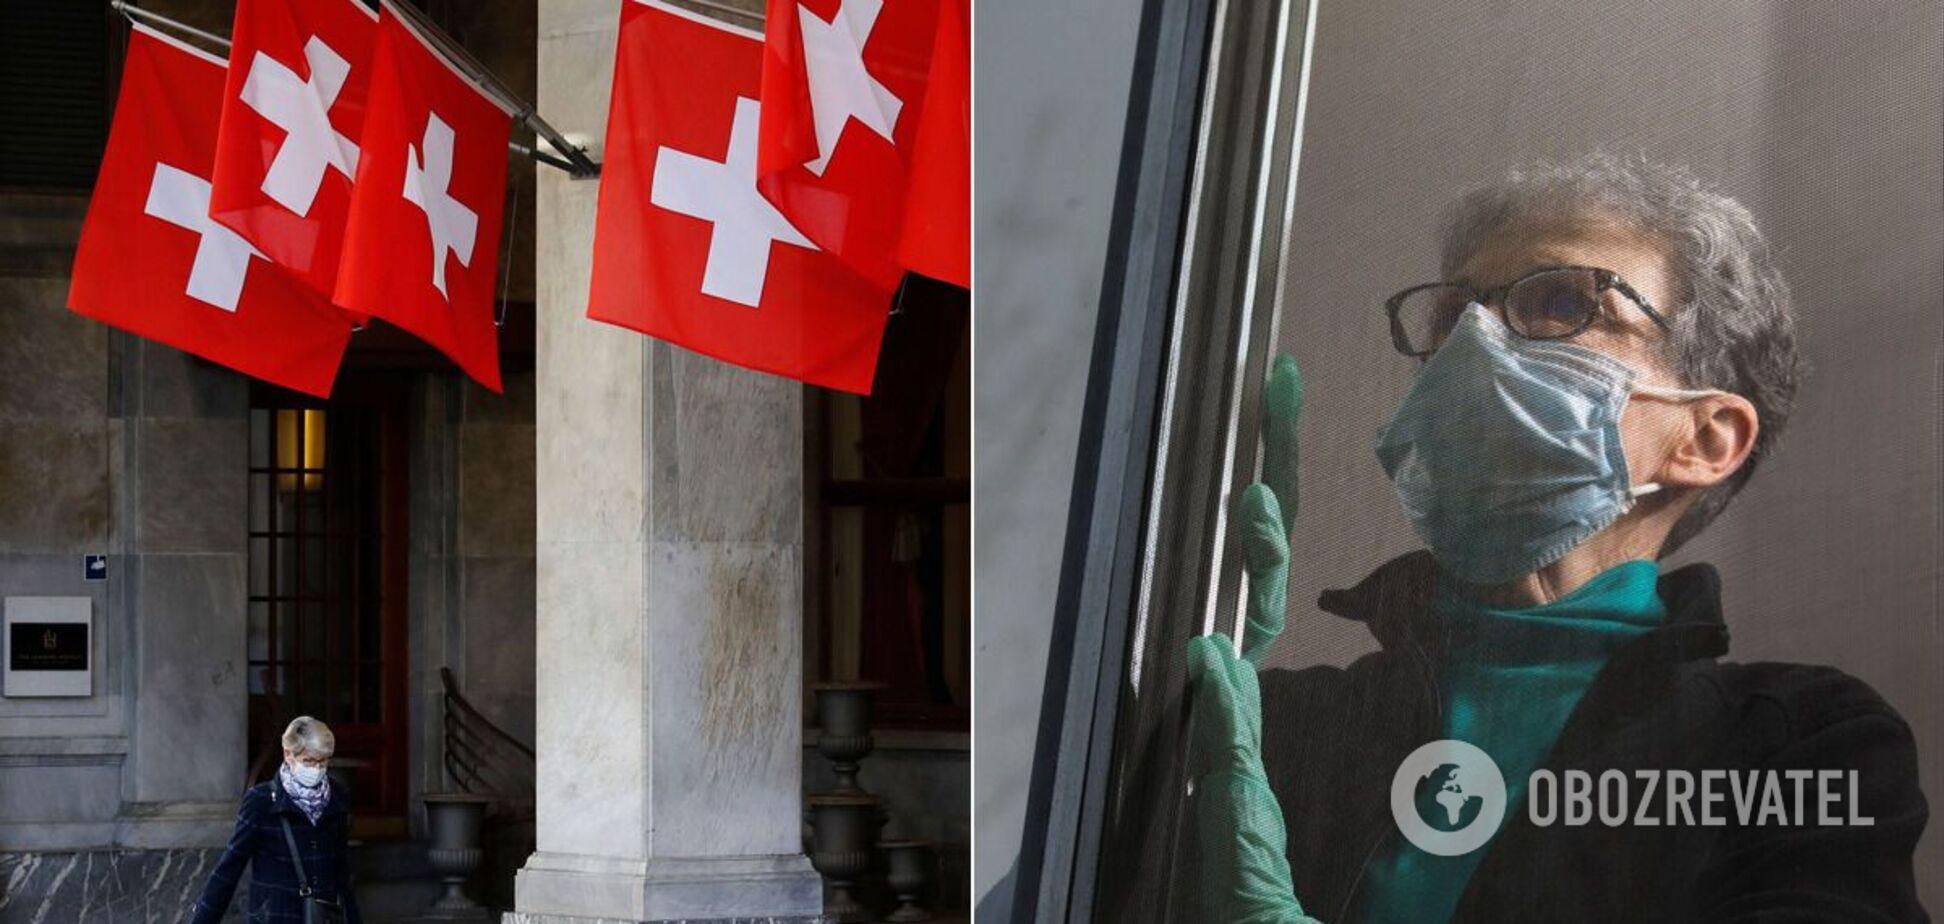 Пандемия COVID-19 в Швейцарии